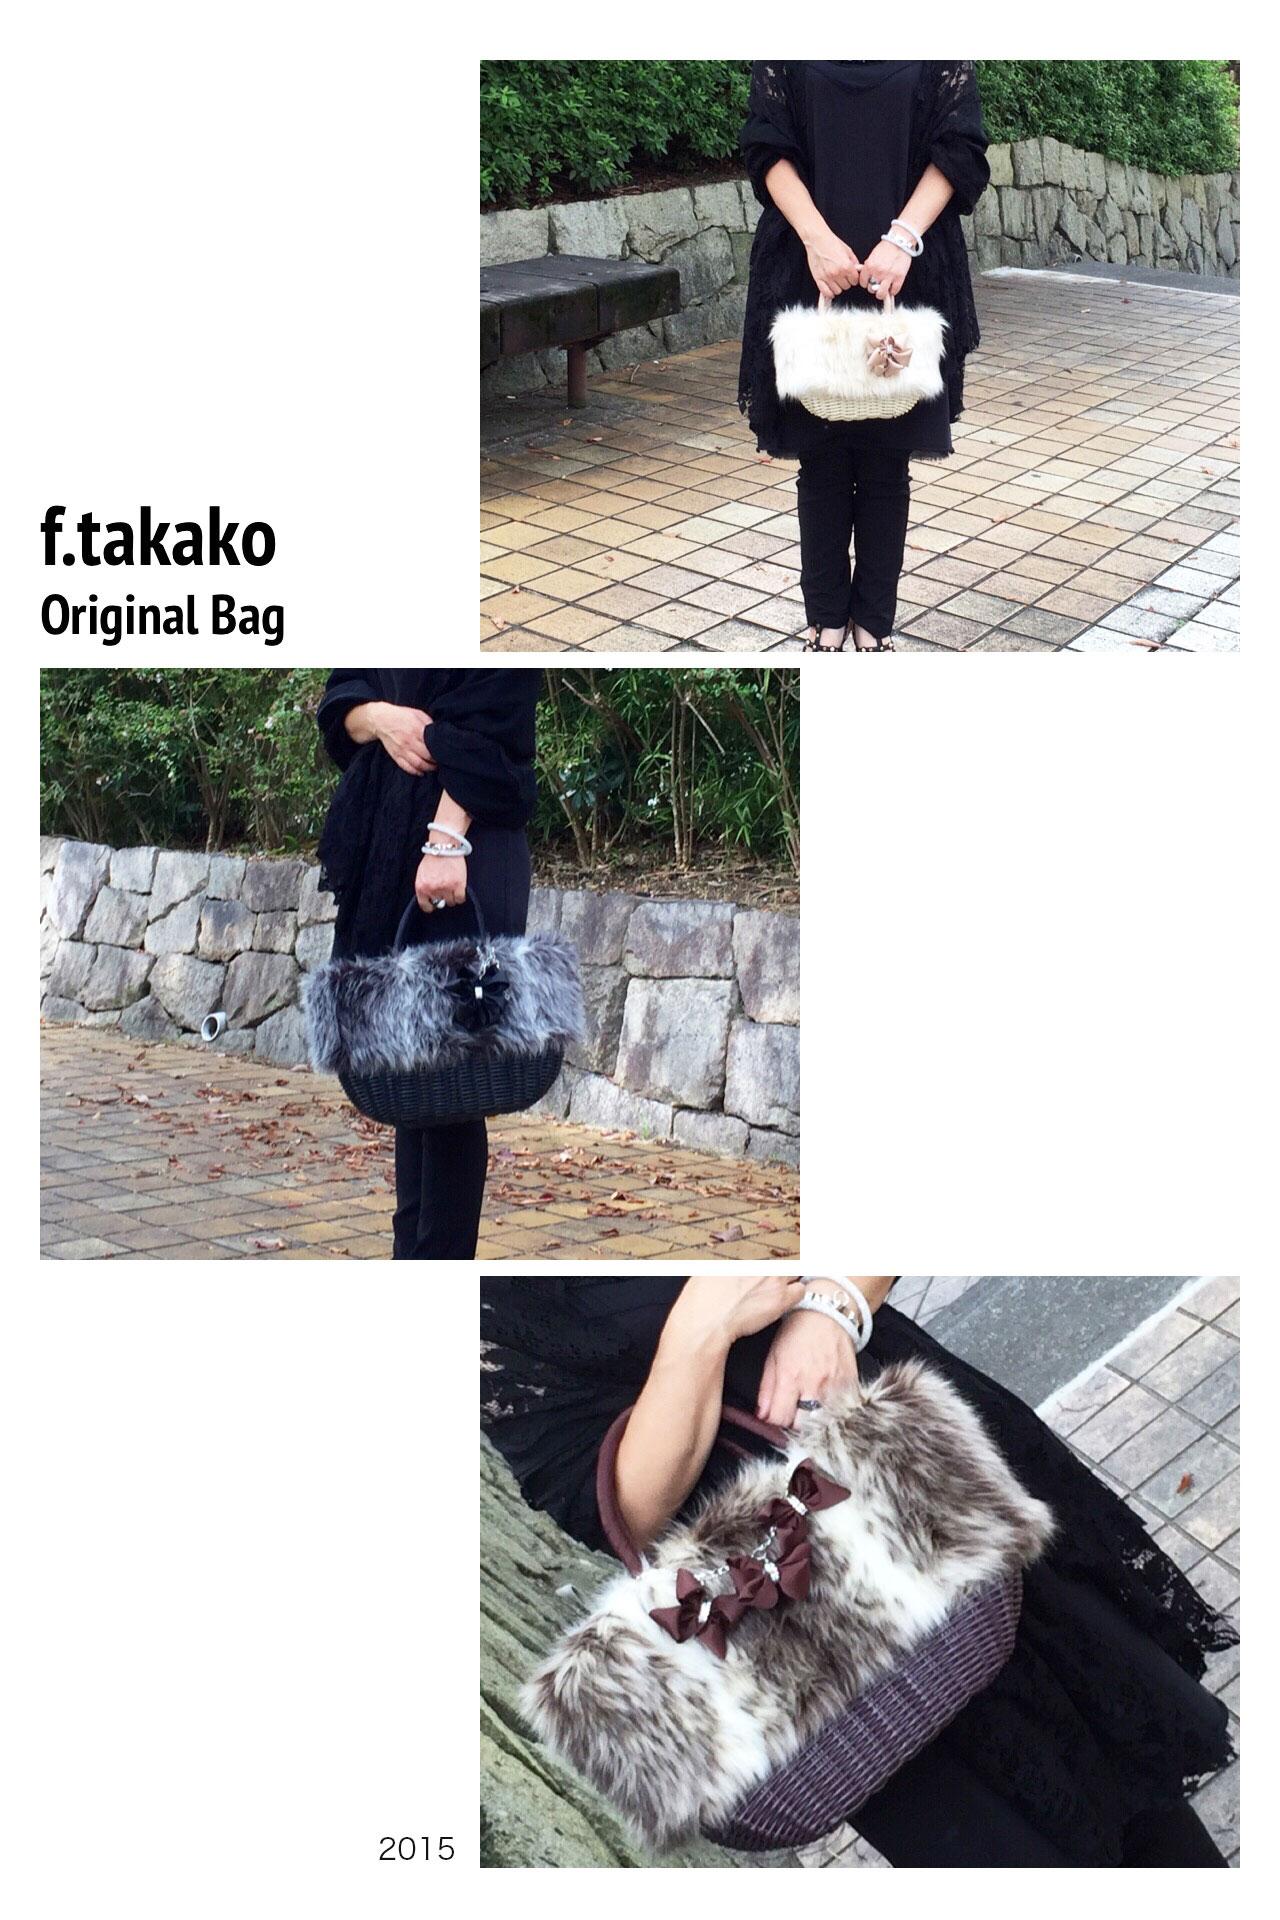 大人の女性の遊び心をくすぐる冬のファーカゴバッグ